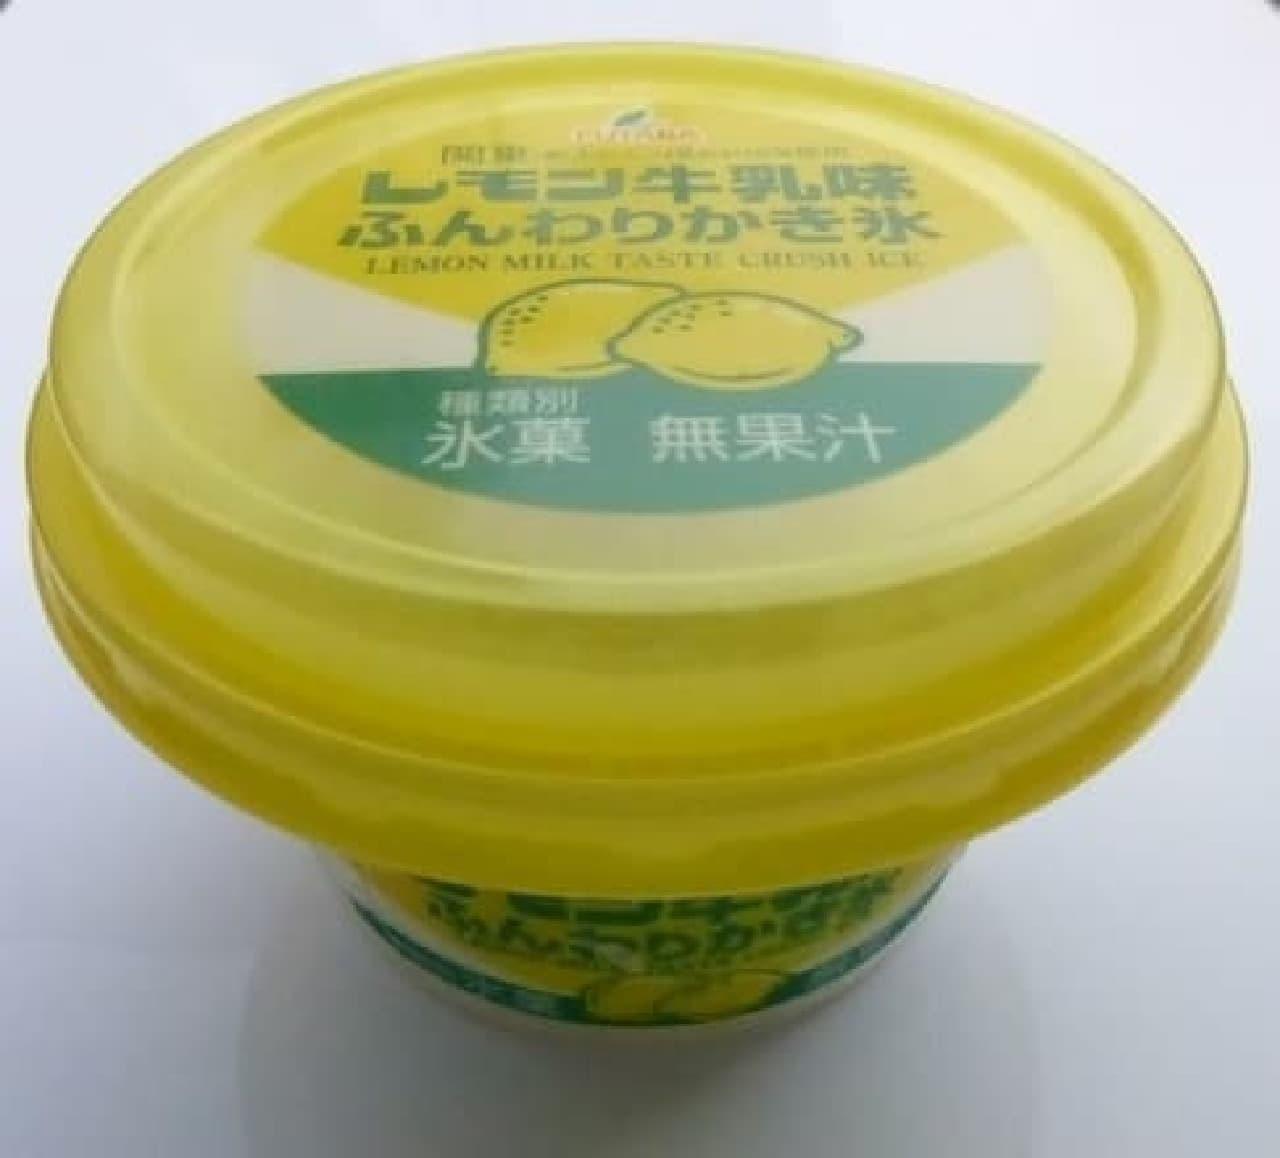 サークルKサンクス「レモン牛乳味ふんわりかき氷」パッケージ